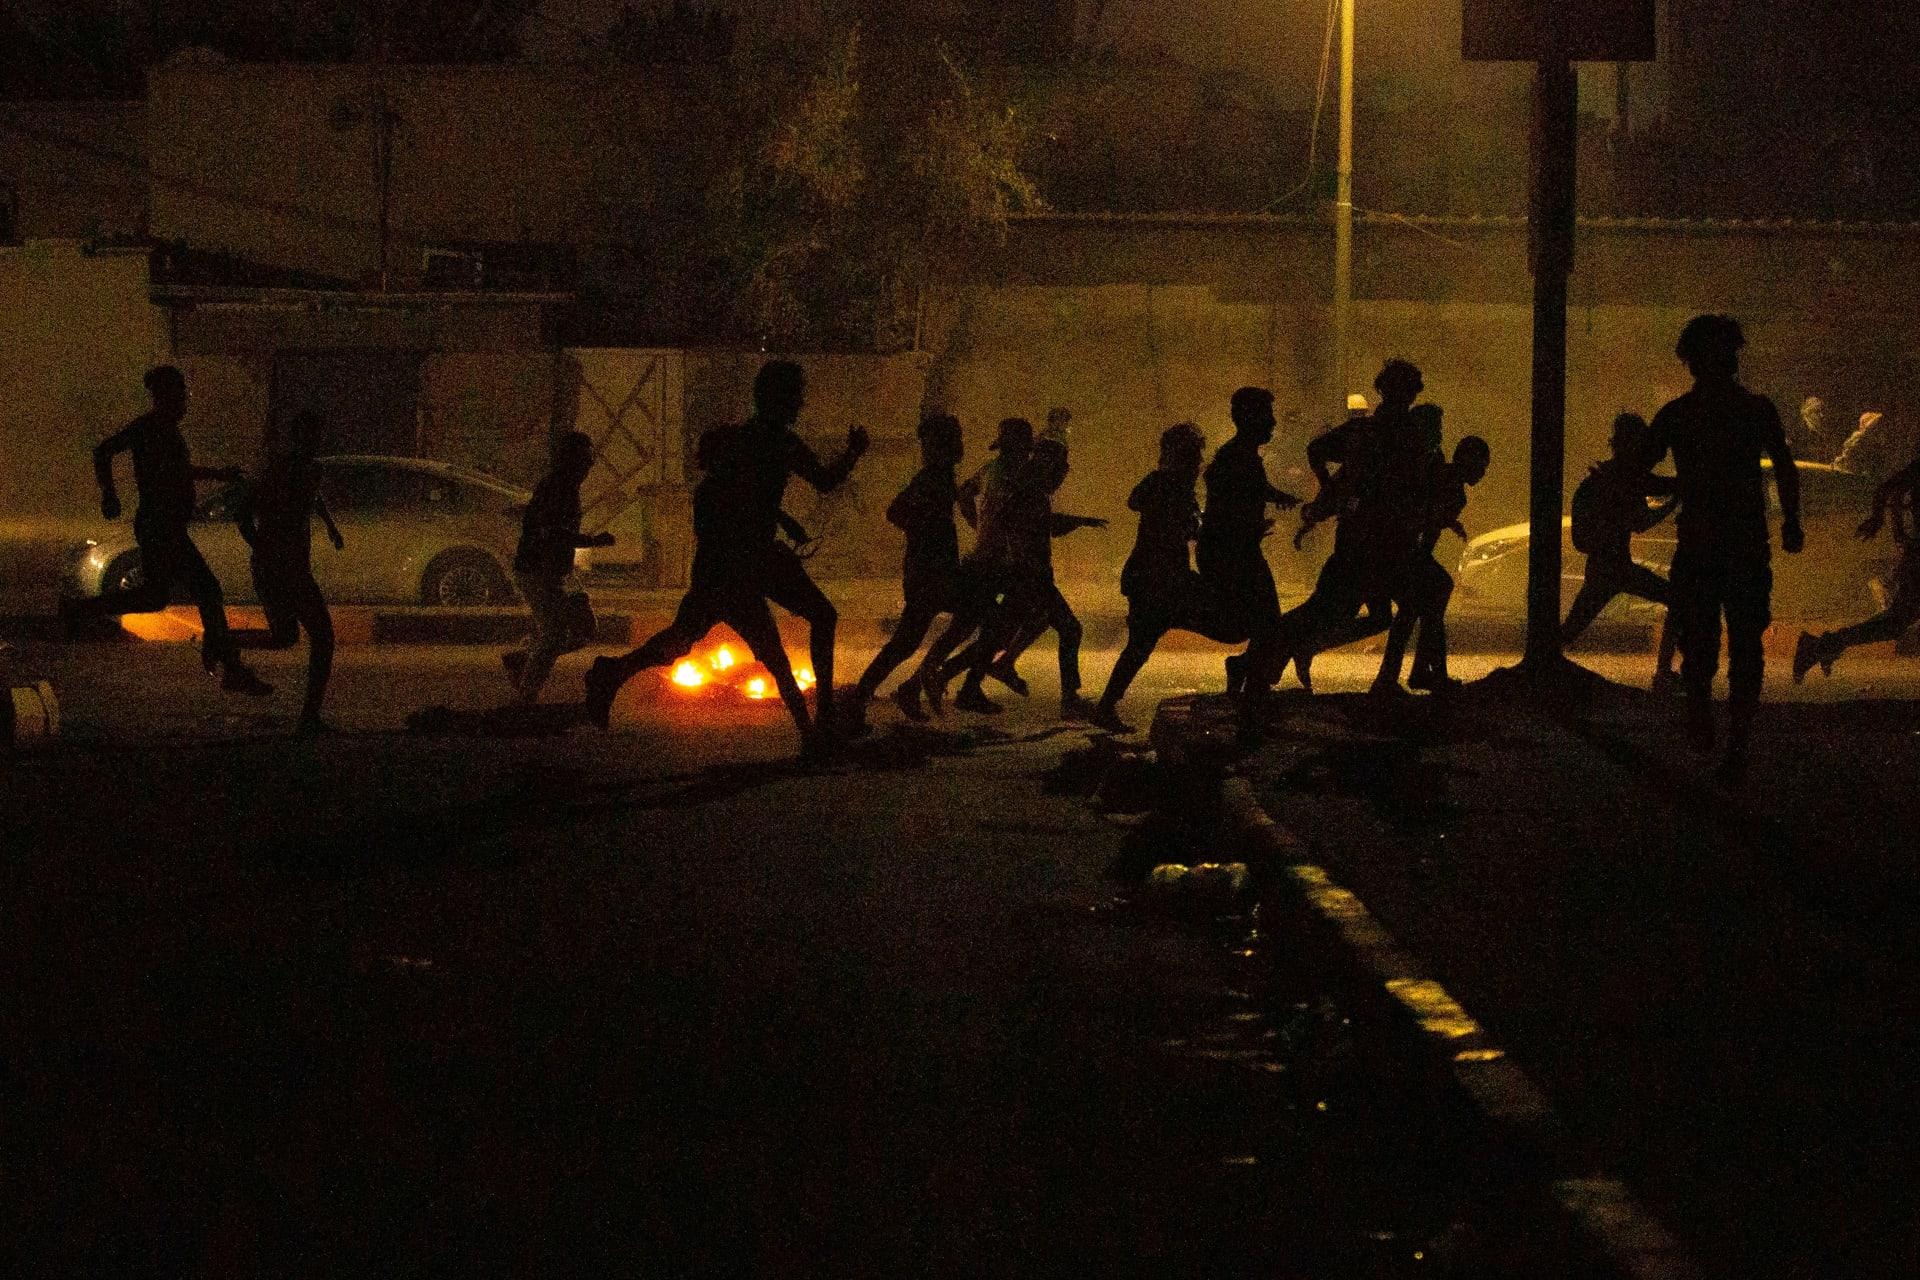 رئيس الحكومة العراقية يقيل قائد شرطة البصرة بعد محاولة اغتيال فاشلة لناشطين